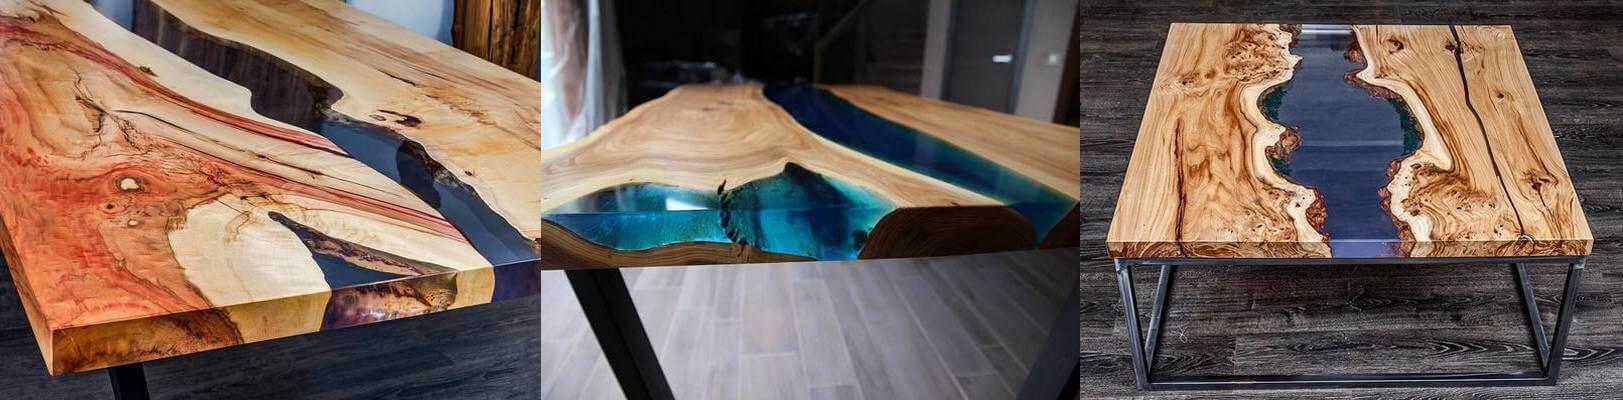 Эксклюзивная мебель из полимера Live Edge